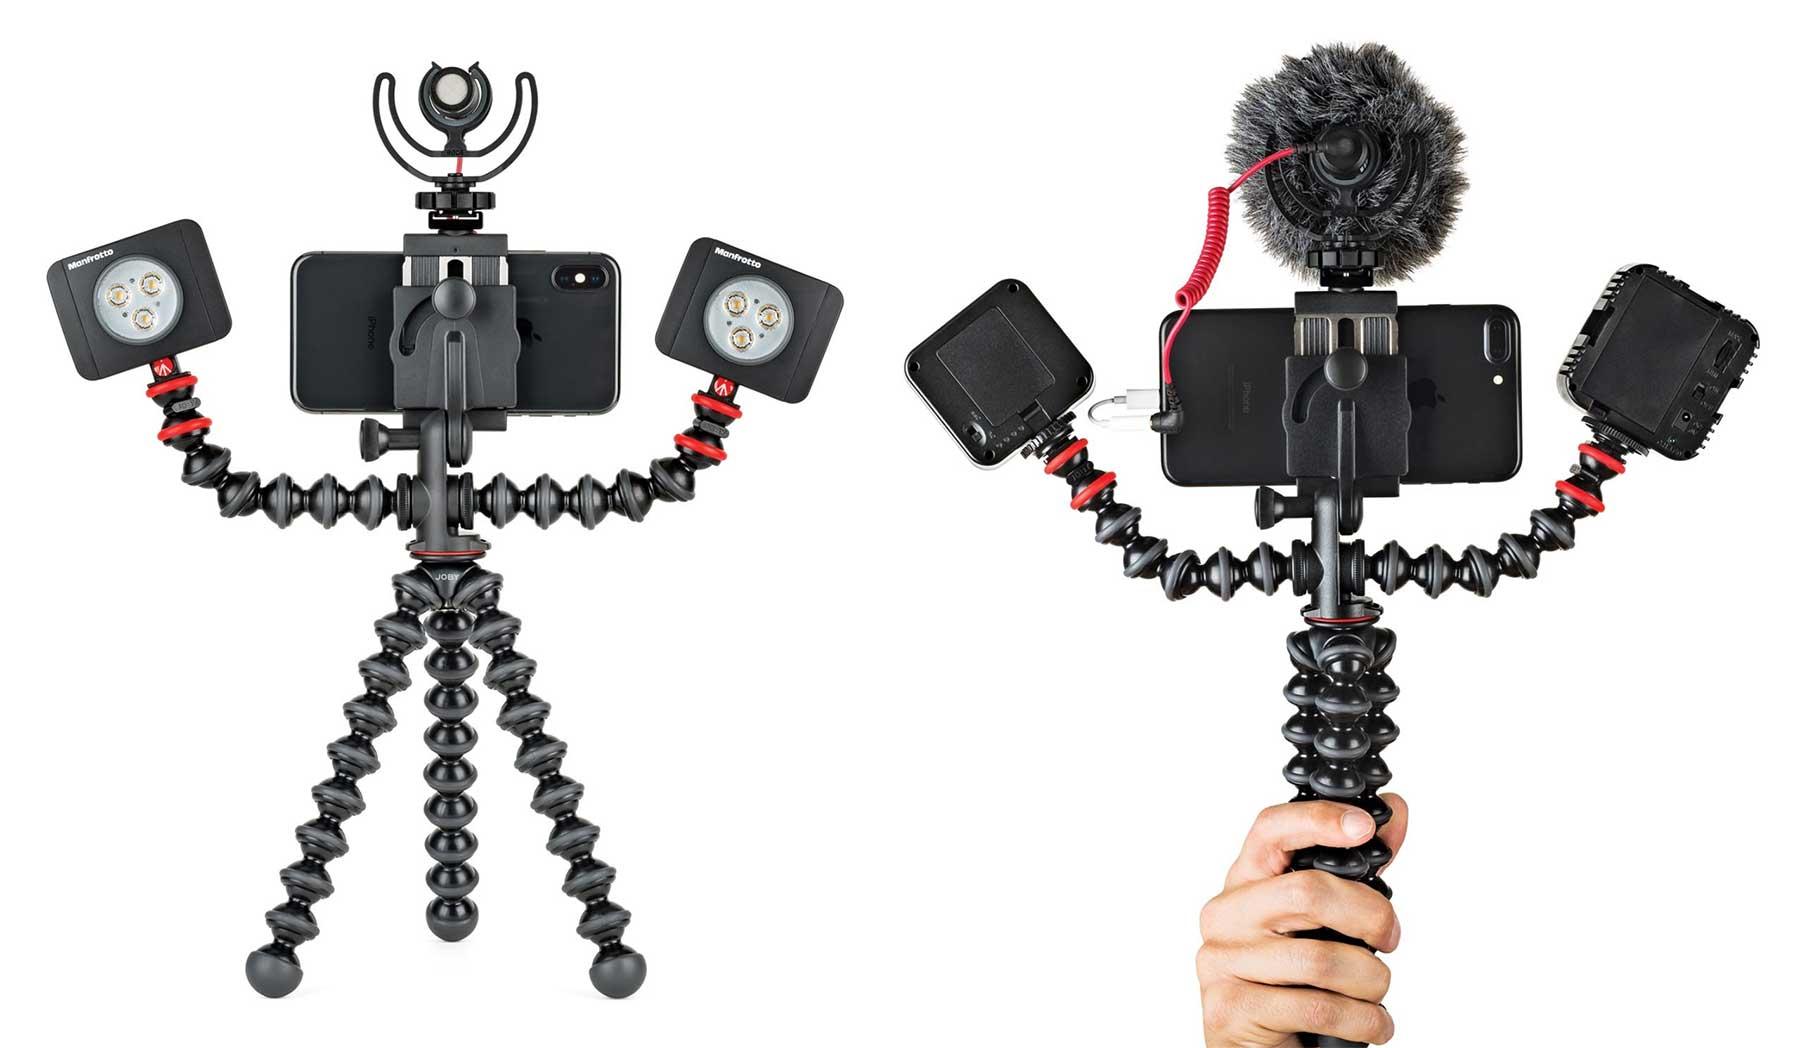 Gewappnet fürs Unterwegs-Filmen mit JOBYs GorillaPod Mobile Rig JOBY-Gorilla-Pod_02